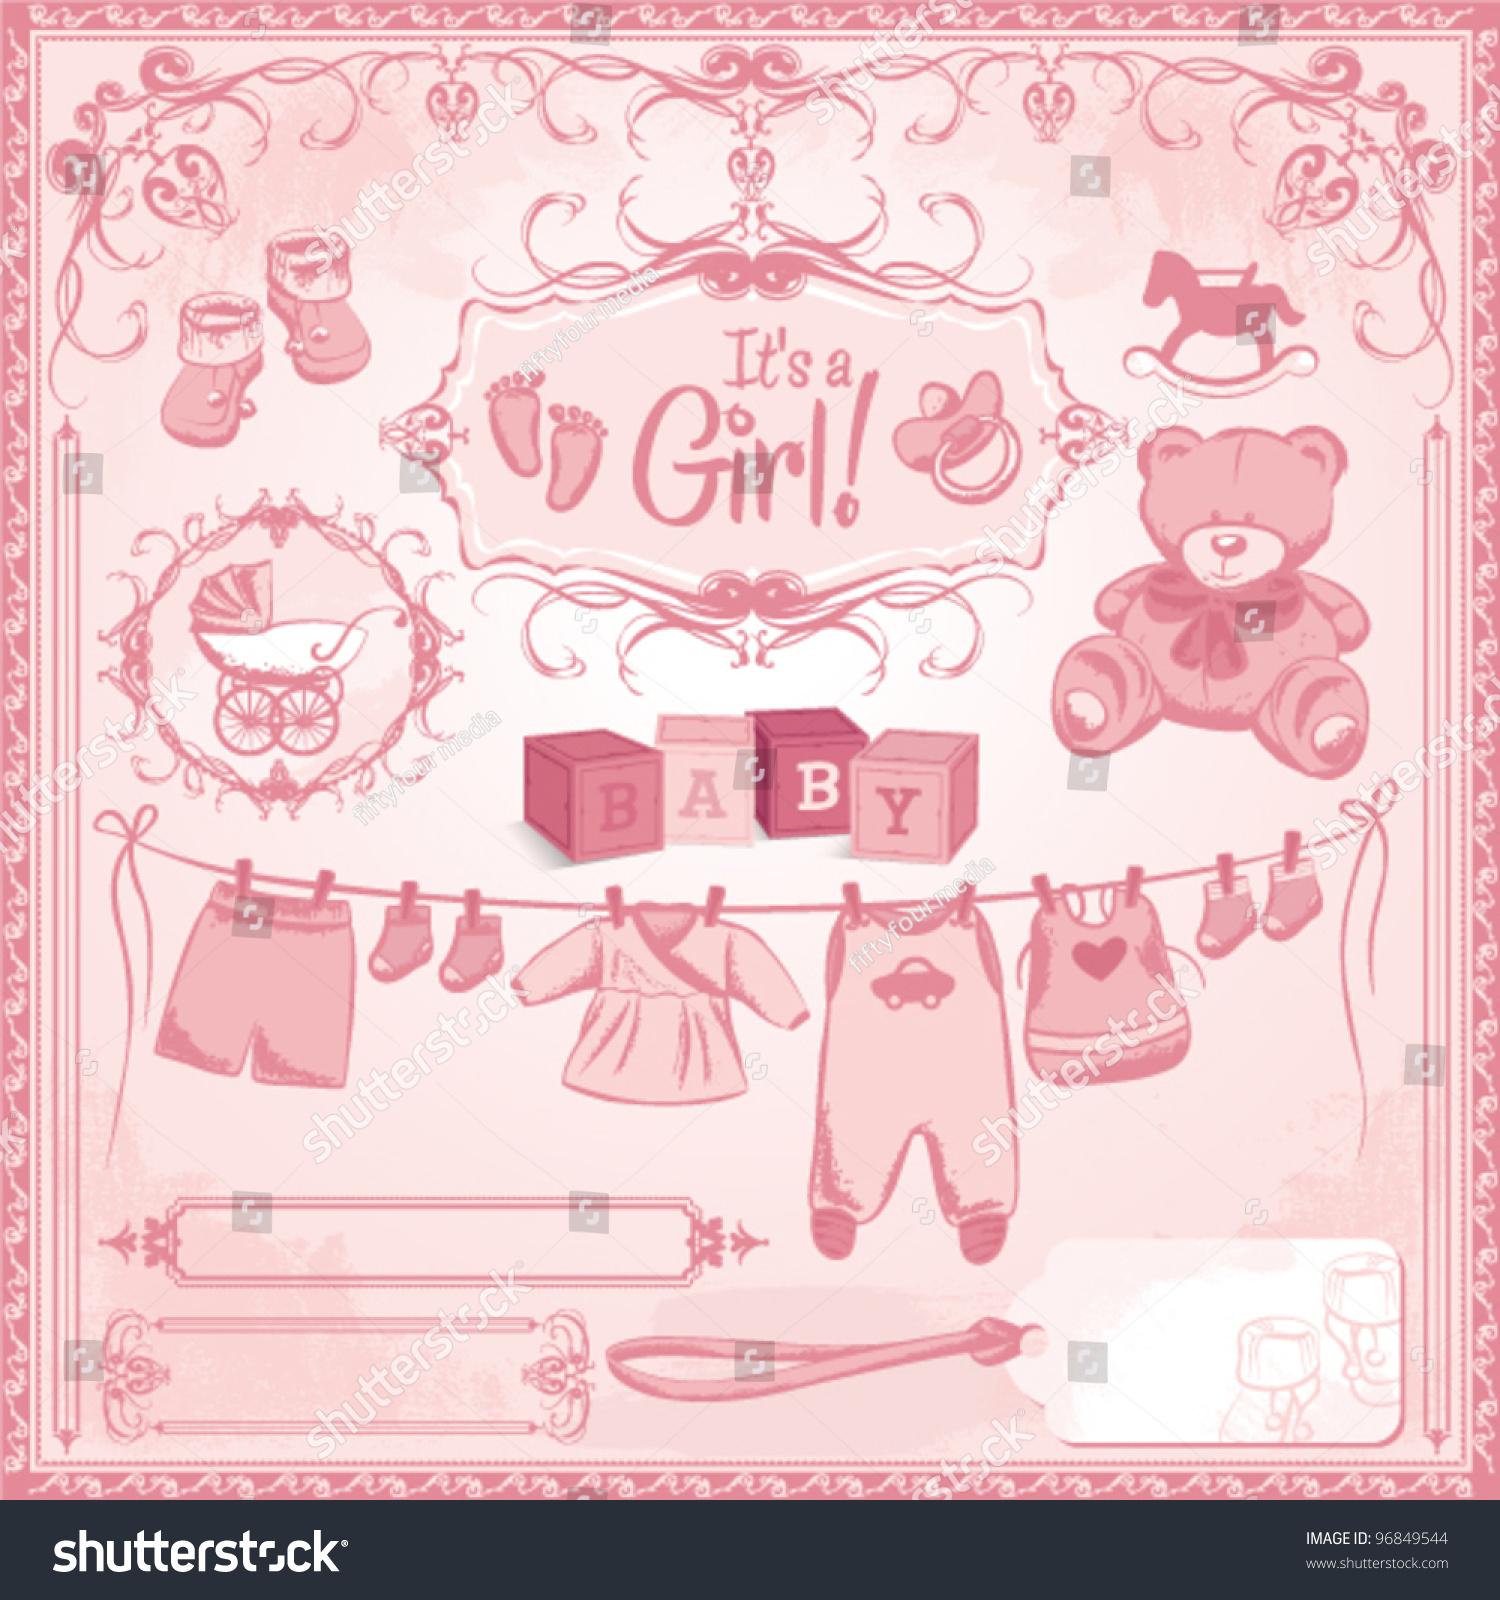 girl birthing